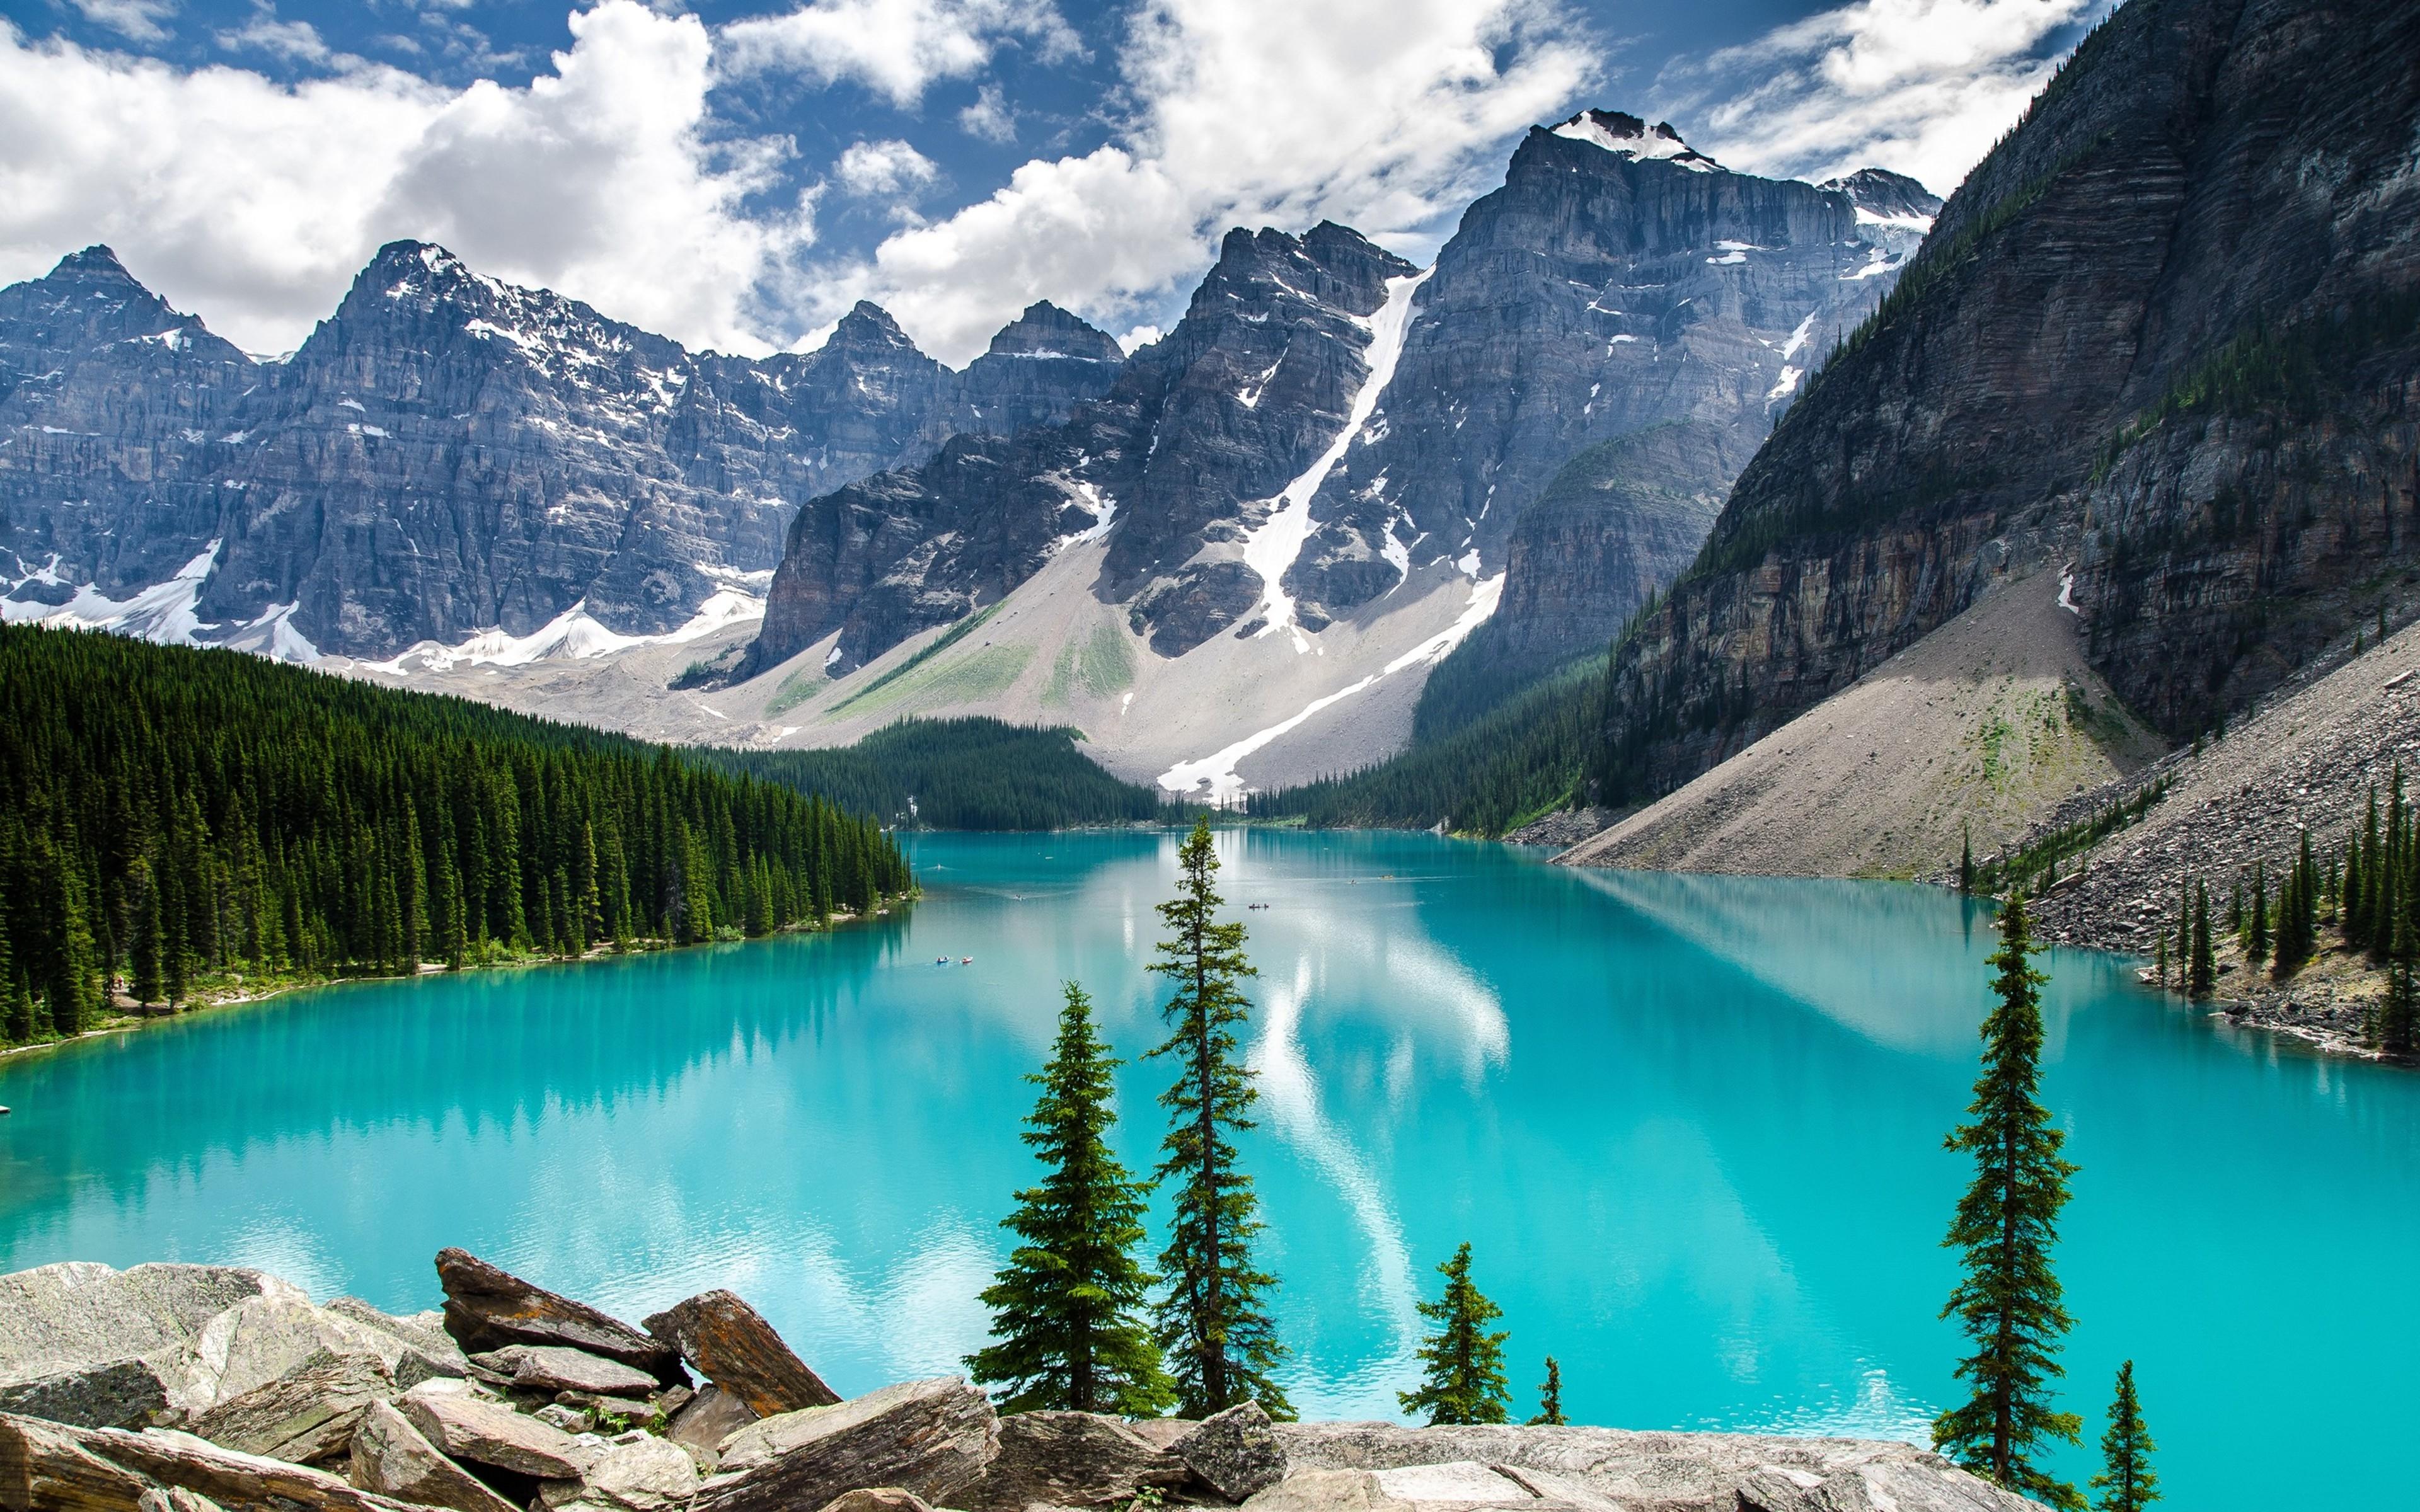 Desktop Wallpapers Banff Canada Moraine Lake Alberta 3840x2400